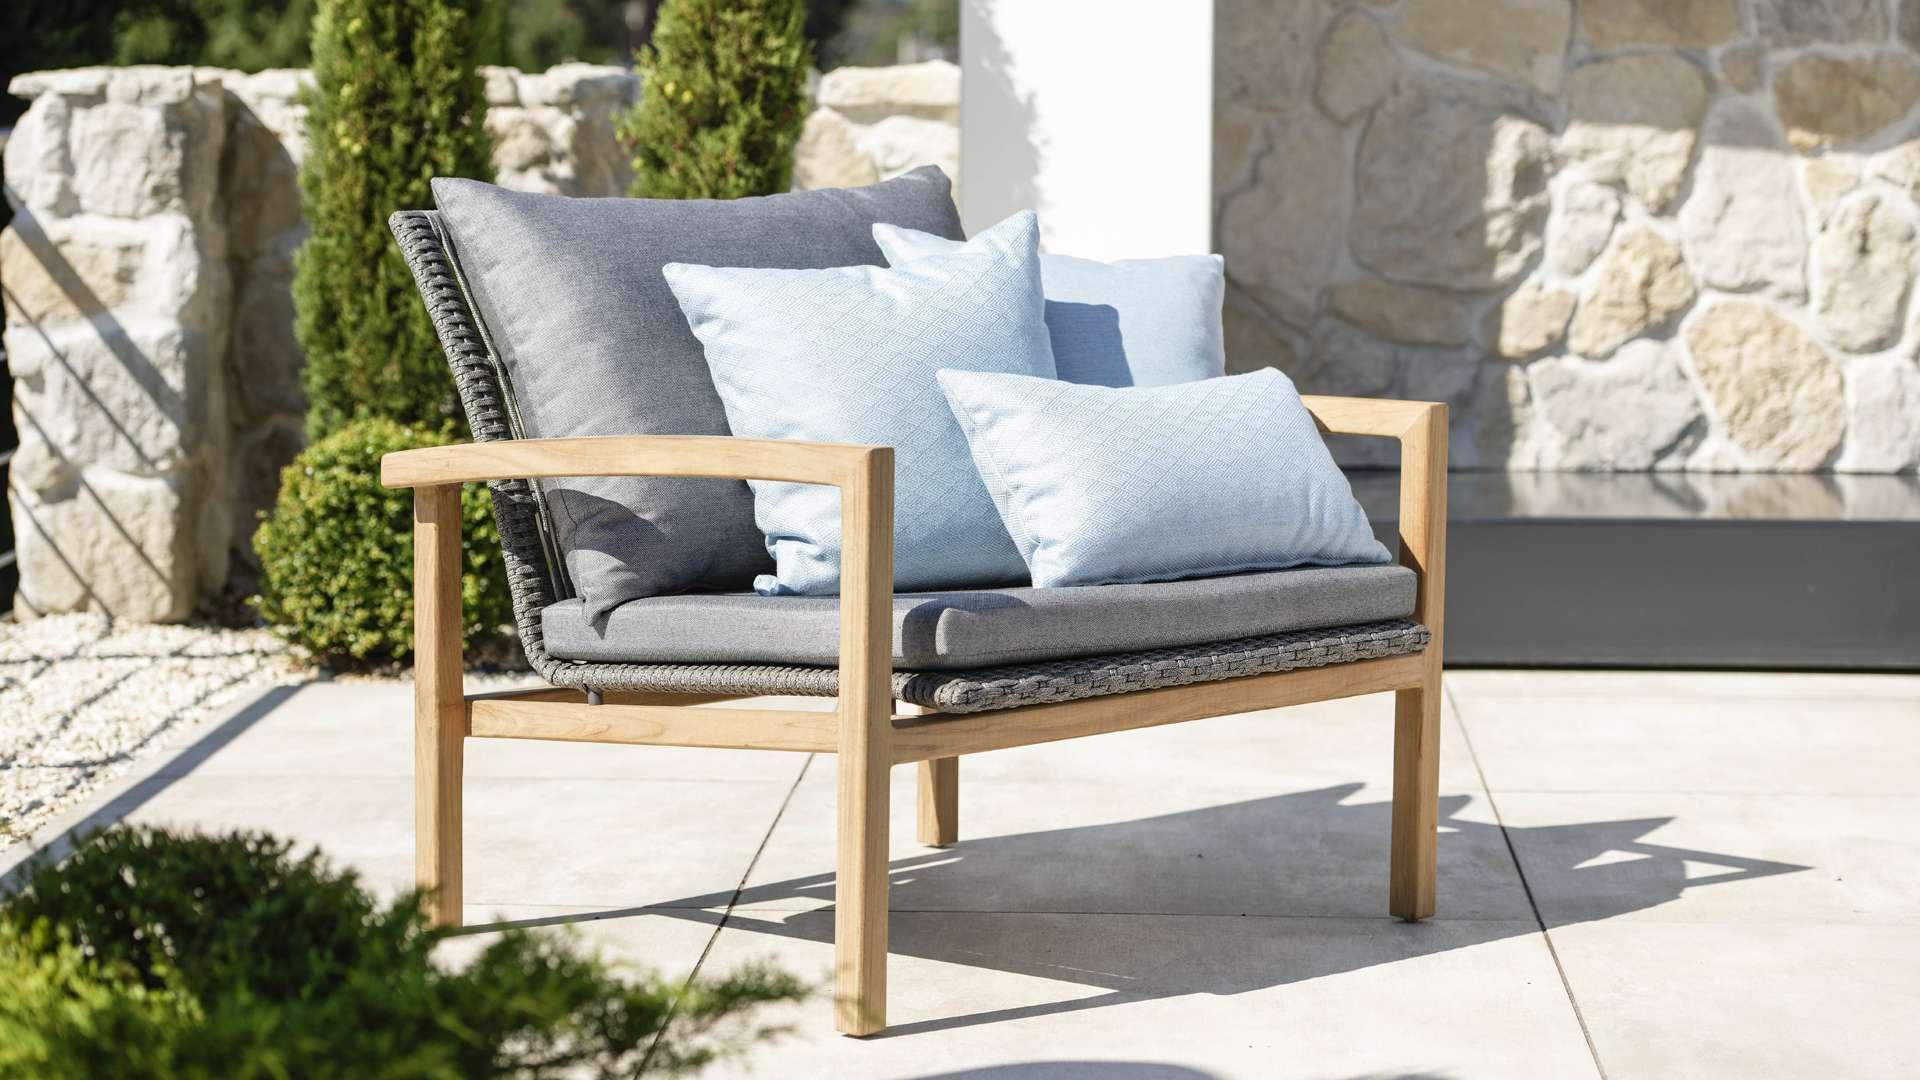 Lounge Sessel mit Kissen auf einer Terrasse